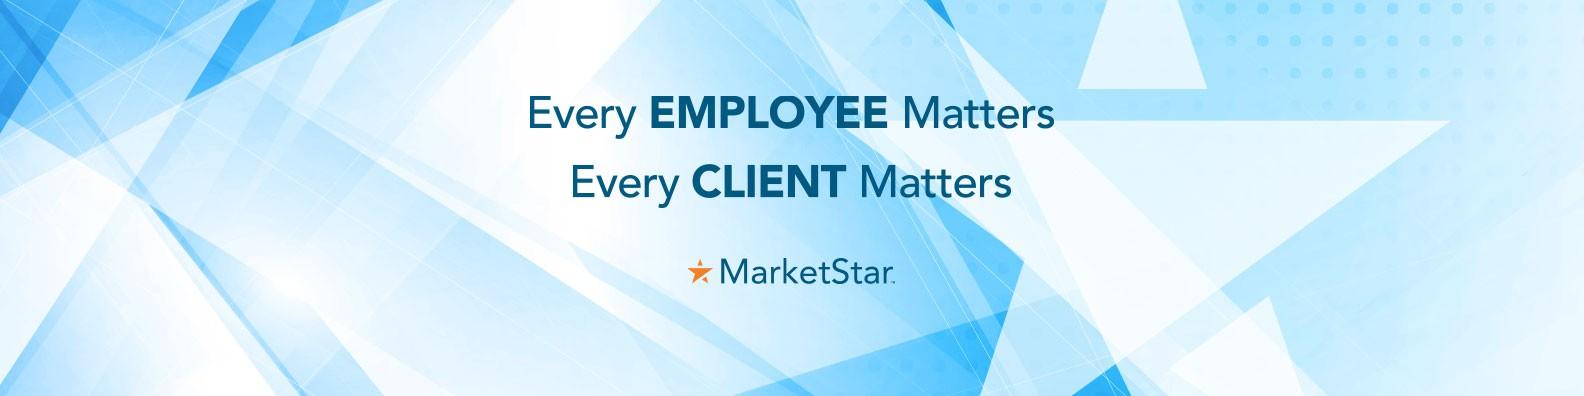 MarketStar | LinkedIn